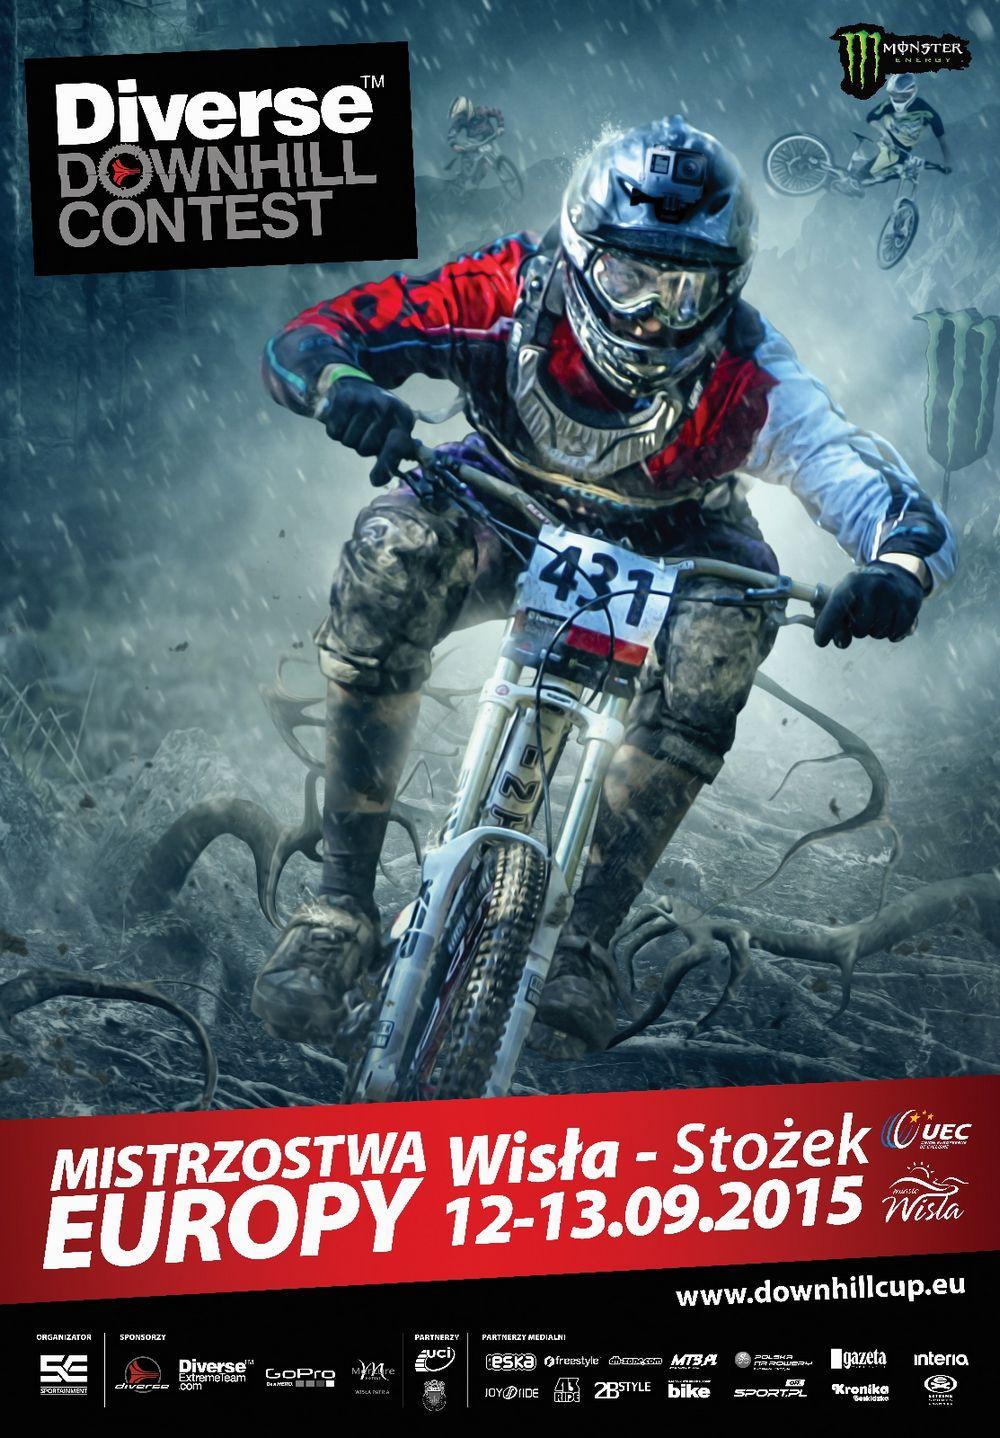 Przegląd trasy Mistrzostw Europy DH 2015 w Wiśle